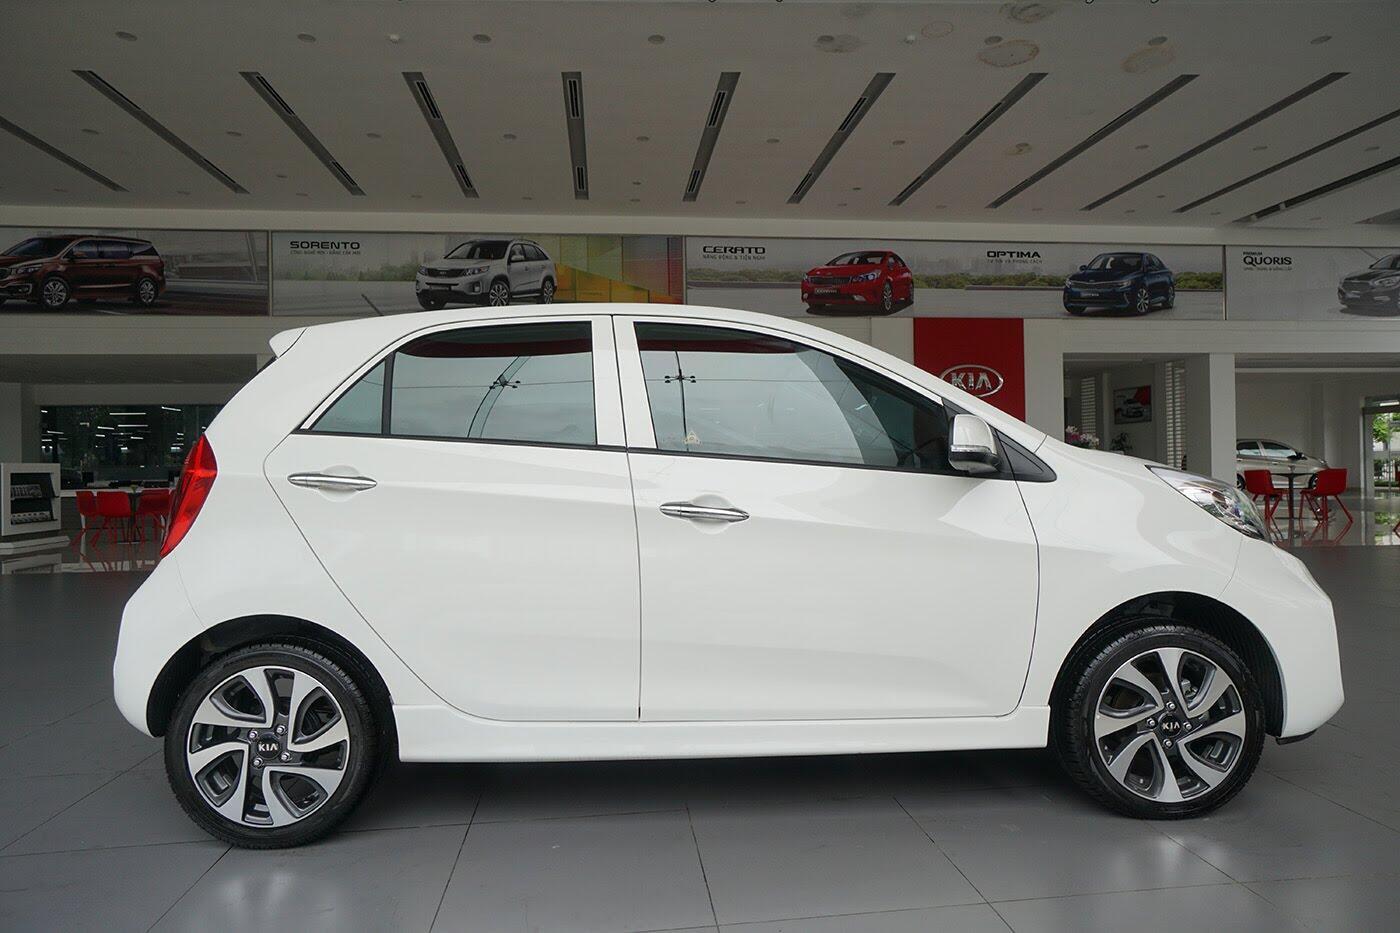 Có 400 triệu đồng, mua Hyundai Grand i10 hay Kia Morning? - Hình 5